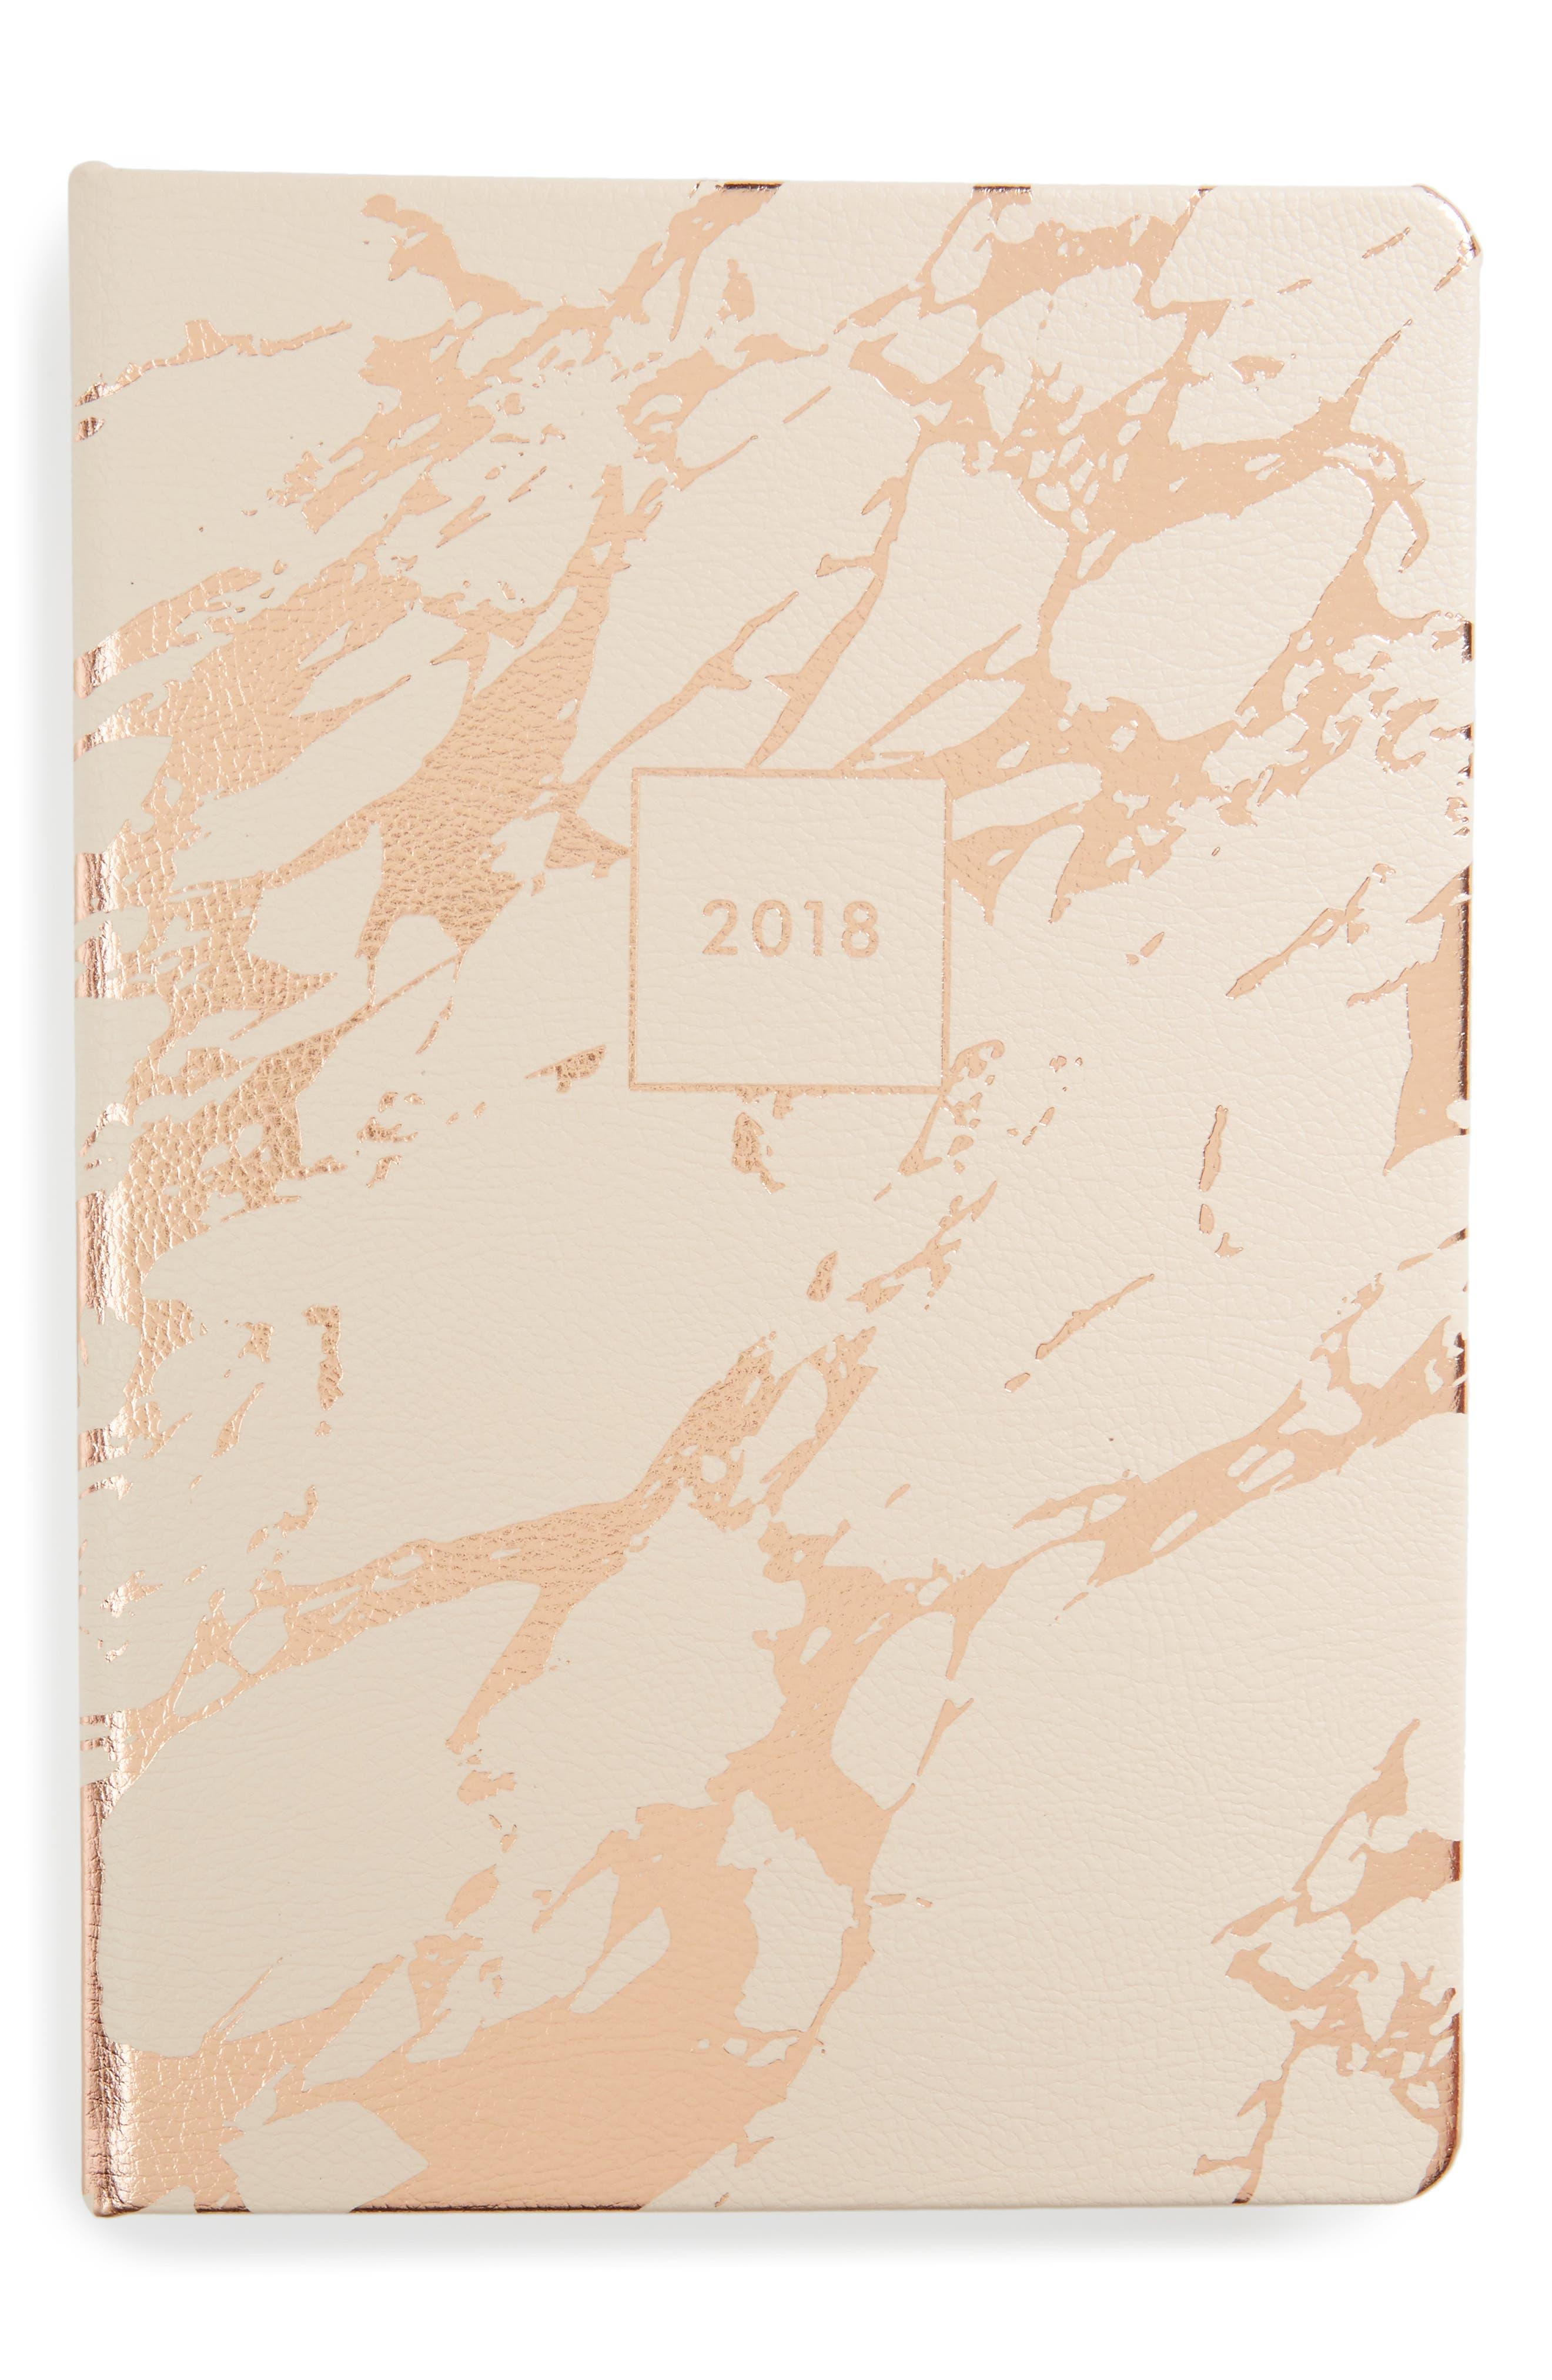 Main Image - Fringe Studio Blush Marble 17-Month Agenda